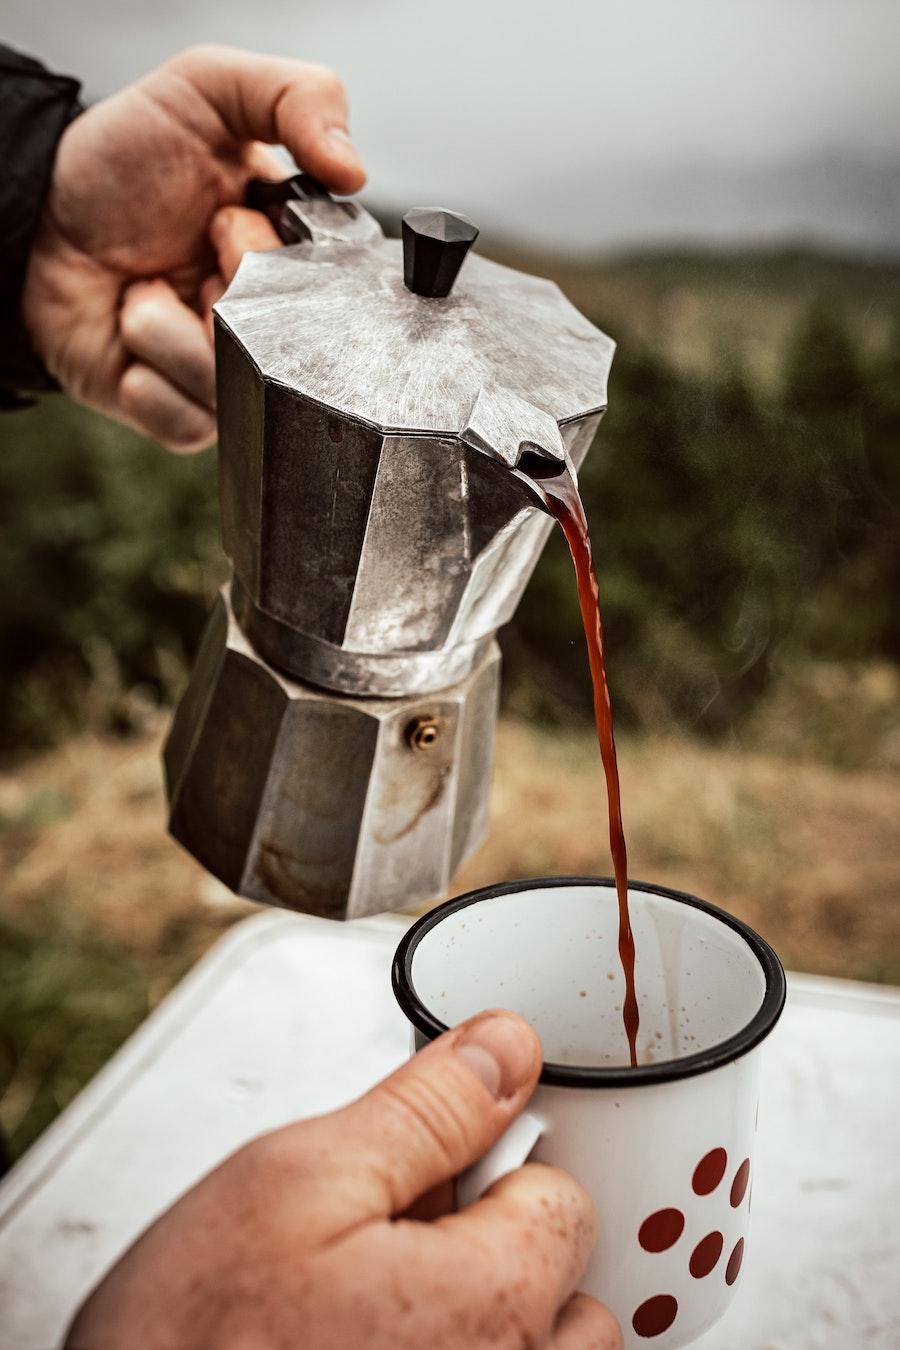 Kaffee mit einem Espressokocher auf Reisen genießen